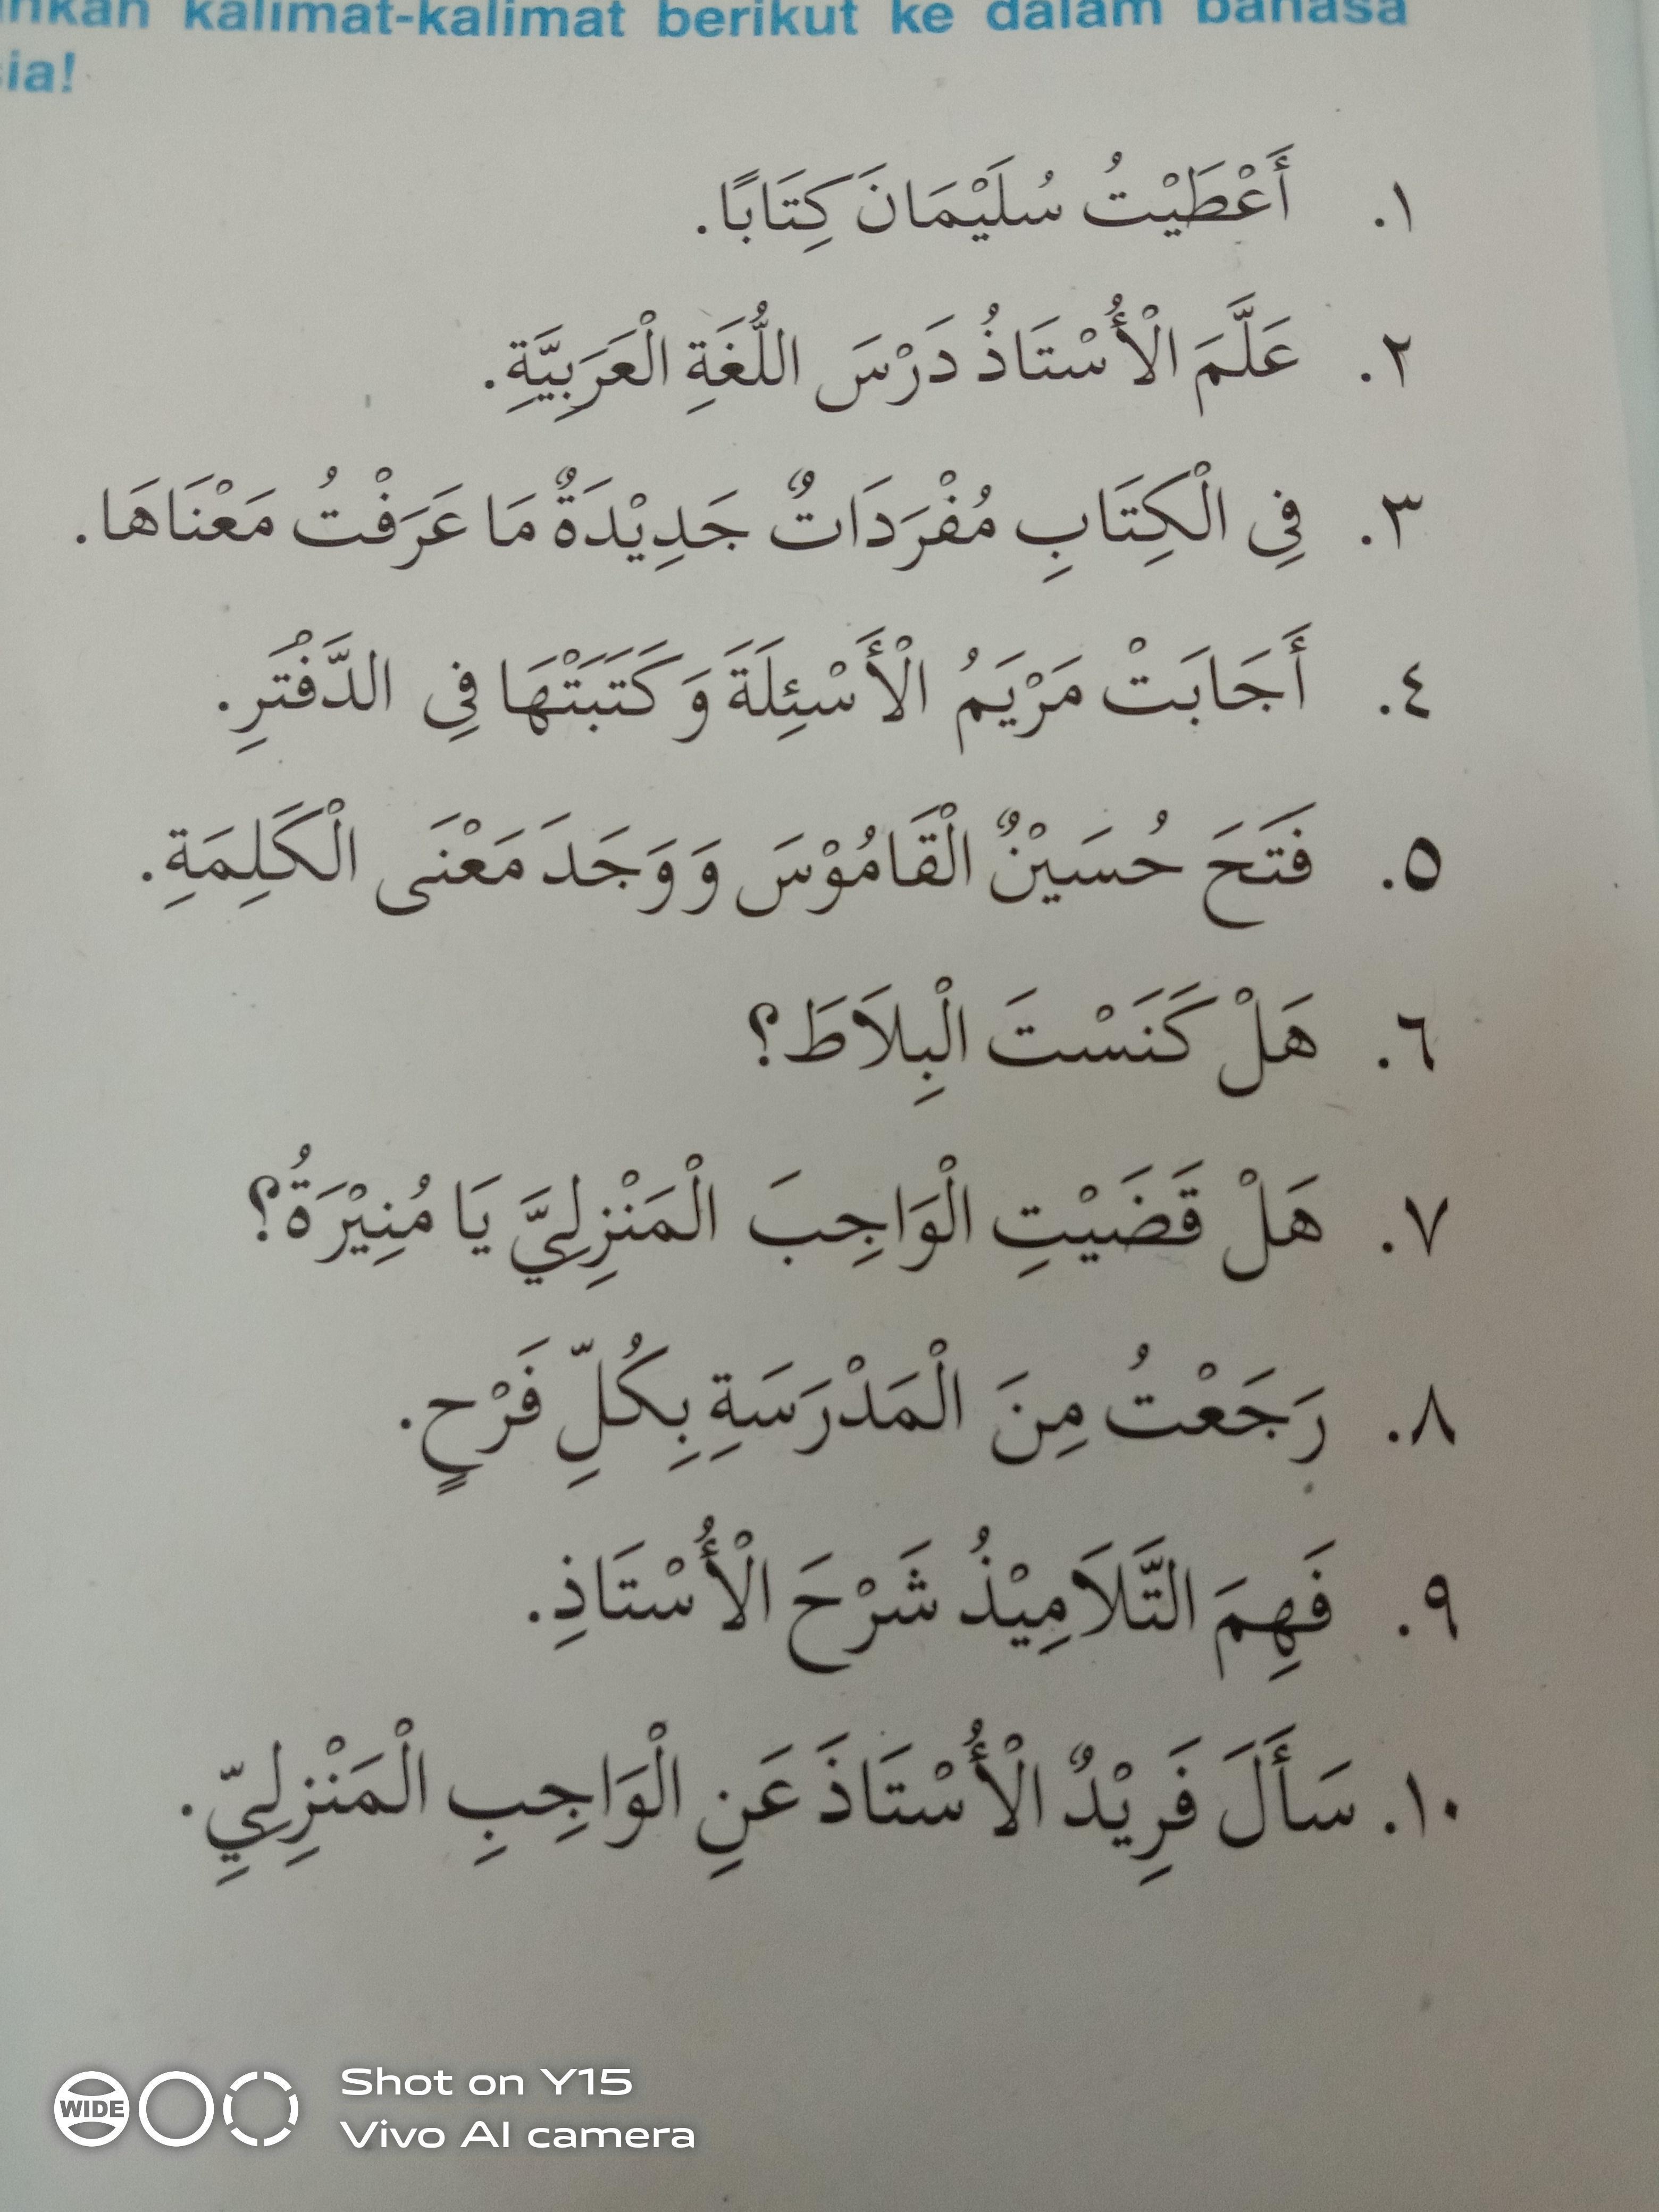 Terjemahkan Bahasa Arab Berikut Ke Dalam Bahasa Indonesia Brainly Co Id